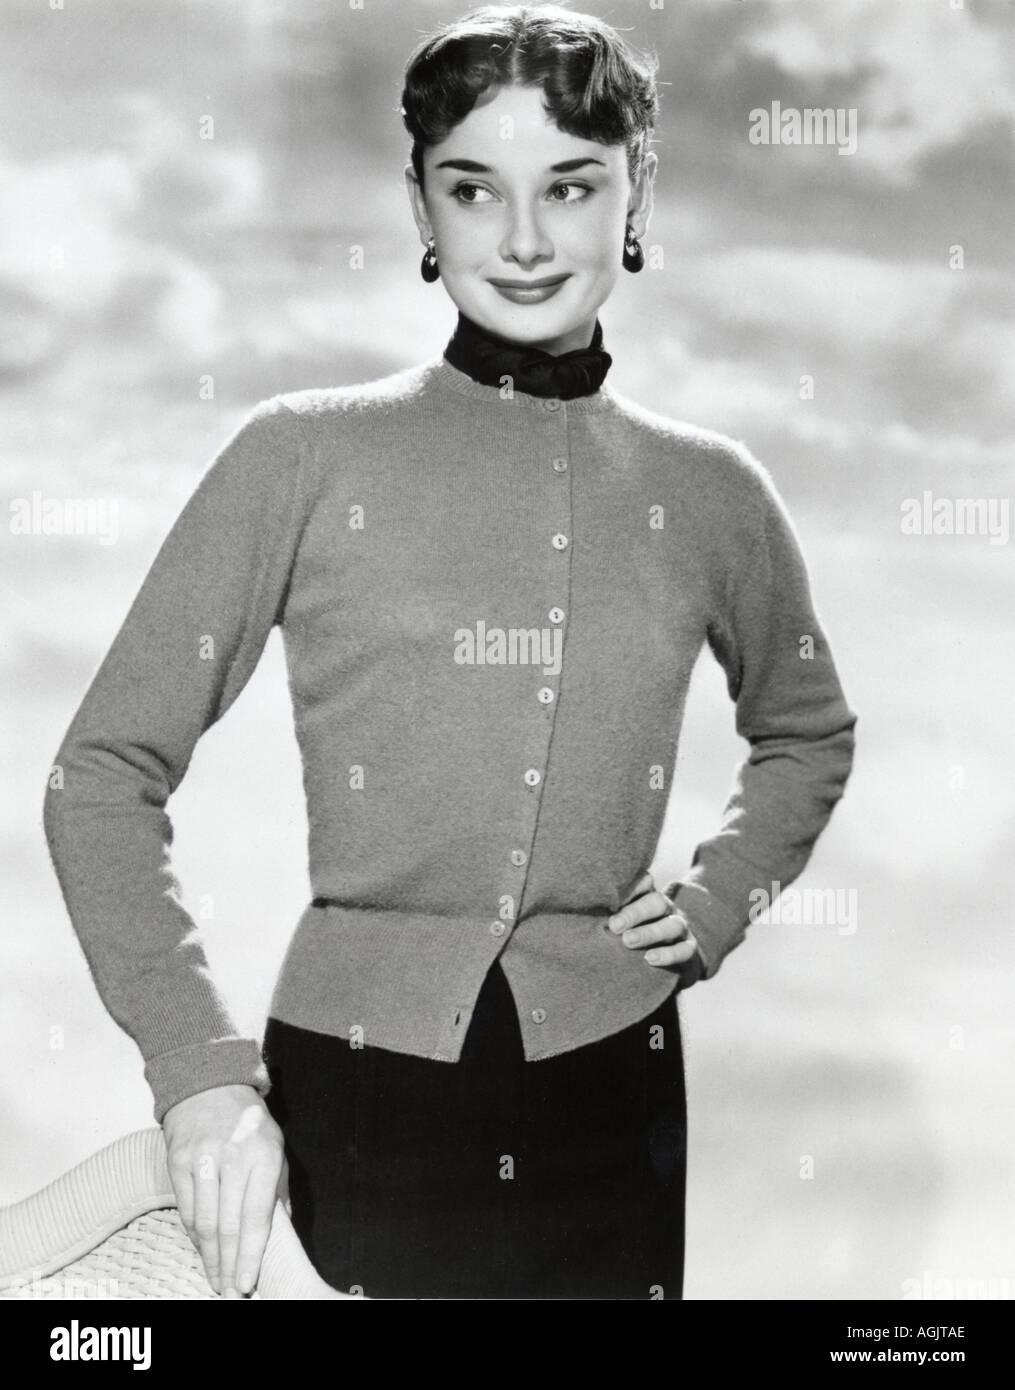 AUDREY HEPBURN  film actress about 1951 - Stock Image